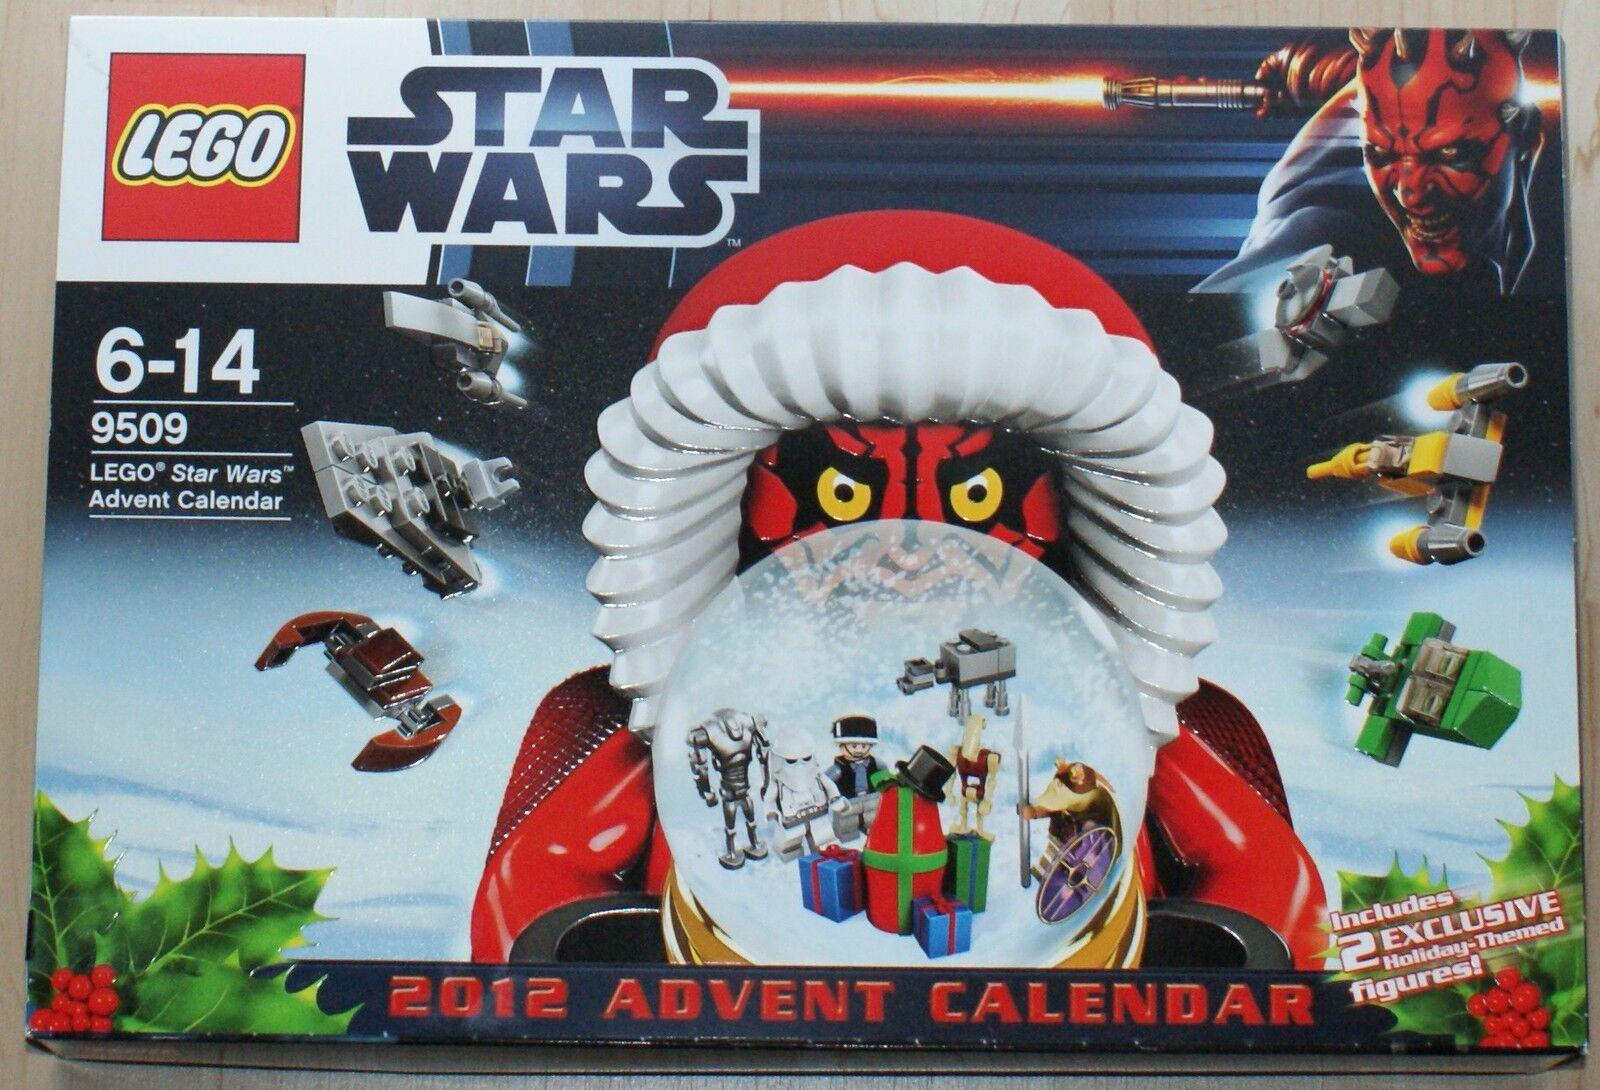 Lego-Star Wars - 9509-calendario de Adviento 2012-nuevo-completo-en su embalaje original